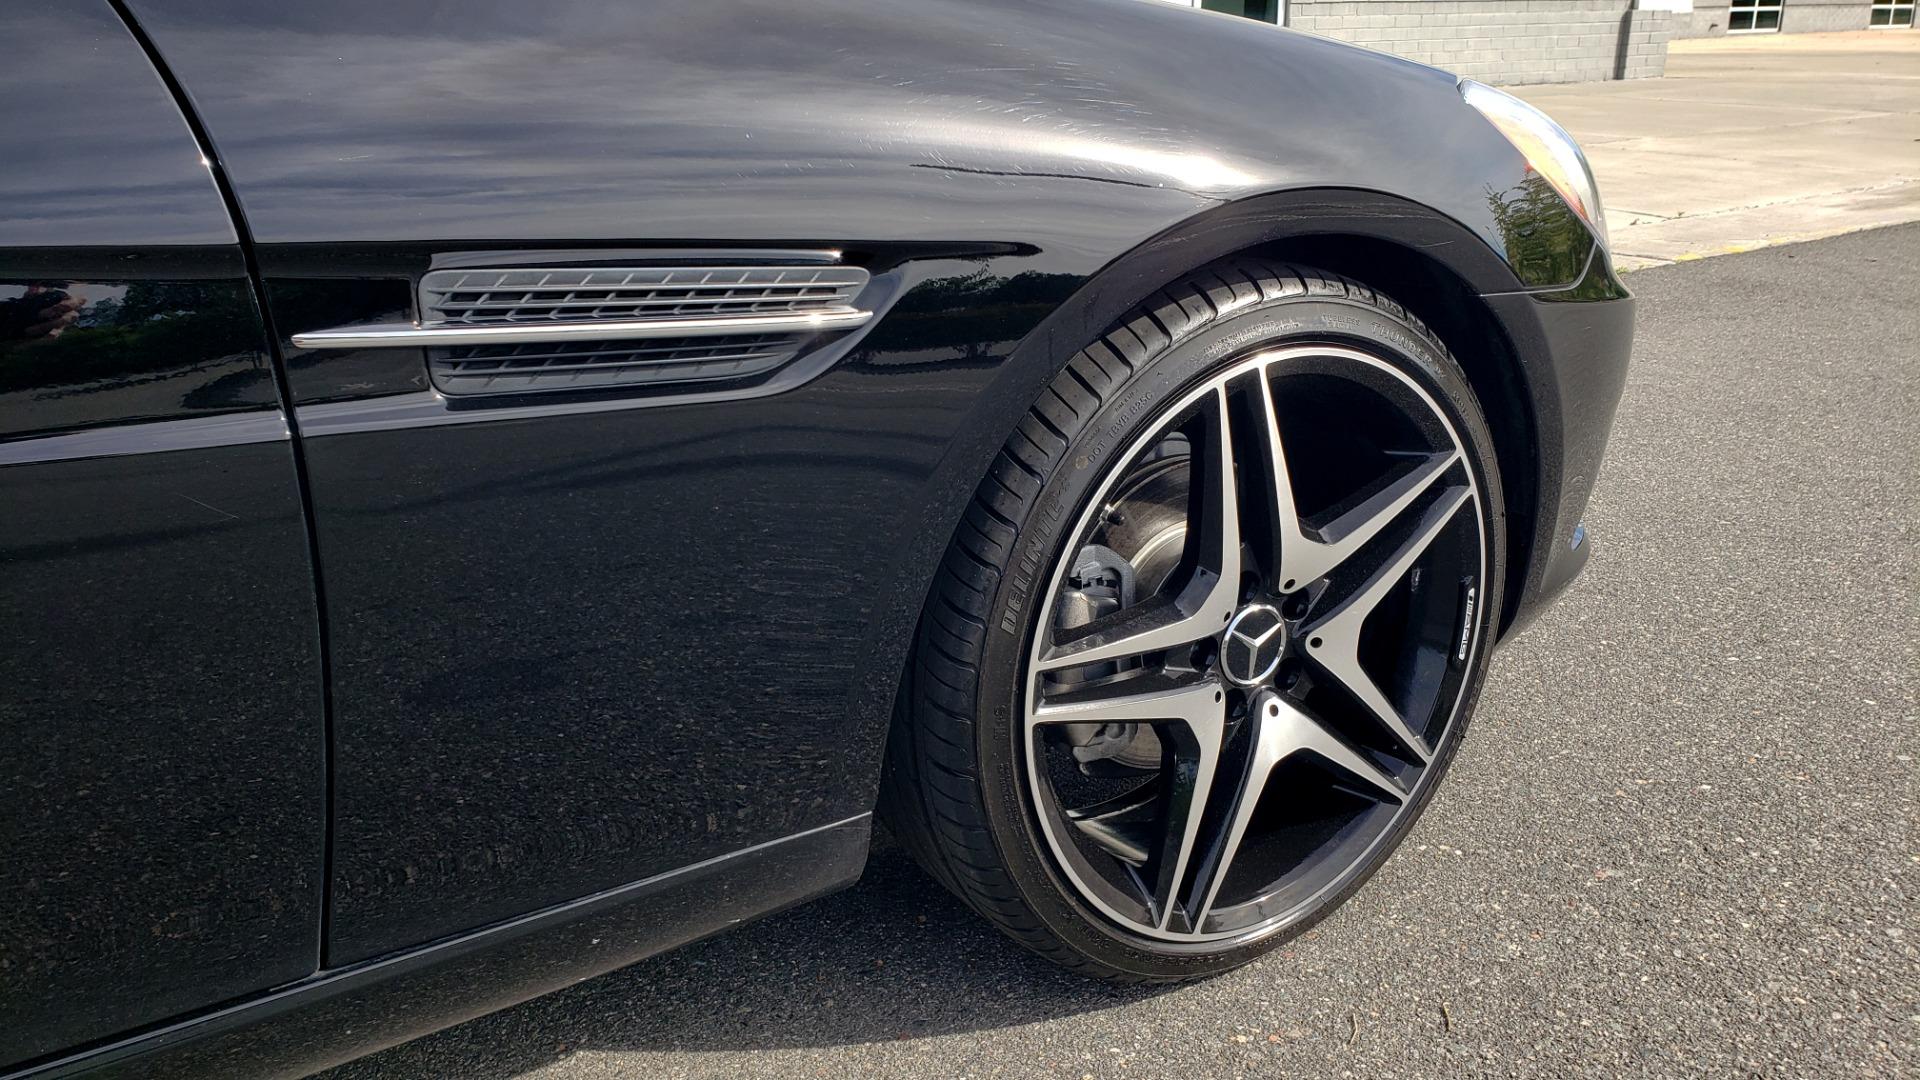 Used 2012 Mercedes-Benz SLK-CLASS SLK 250 ROADSTER / PREM 1 PKG / COMAND LAUNCH PKG / 7-SPD AUTO for sale $24,995 at Formula Imports in Charlotte NC 28227 63